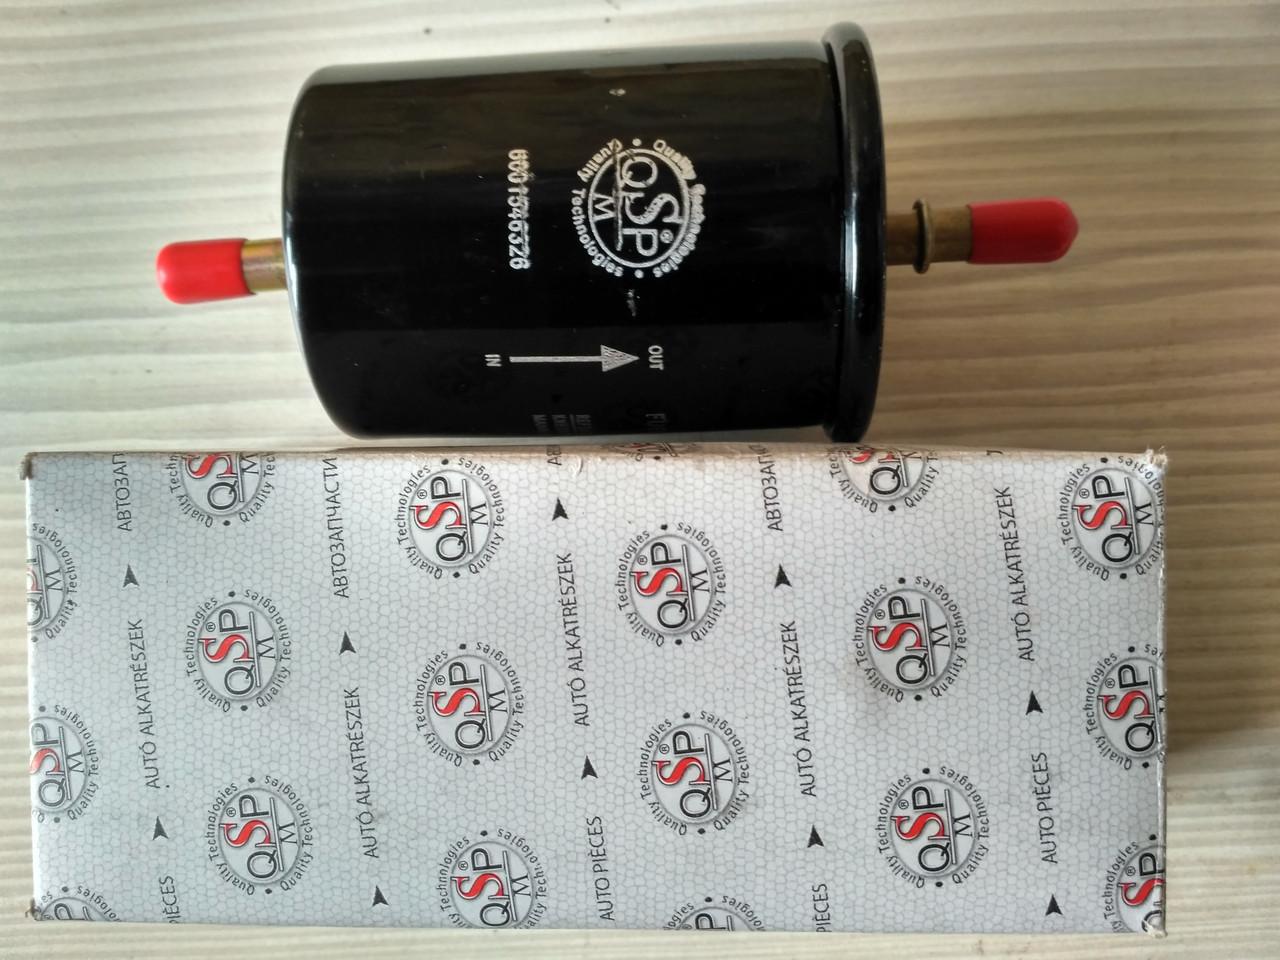 Фильтр очистки топлива QSP 6001546326 для автомобилей Citroen, Fiat, Opel, Renault, Peugeout